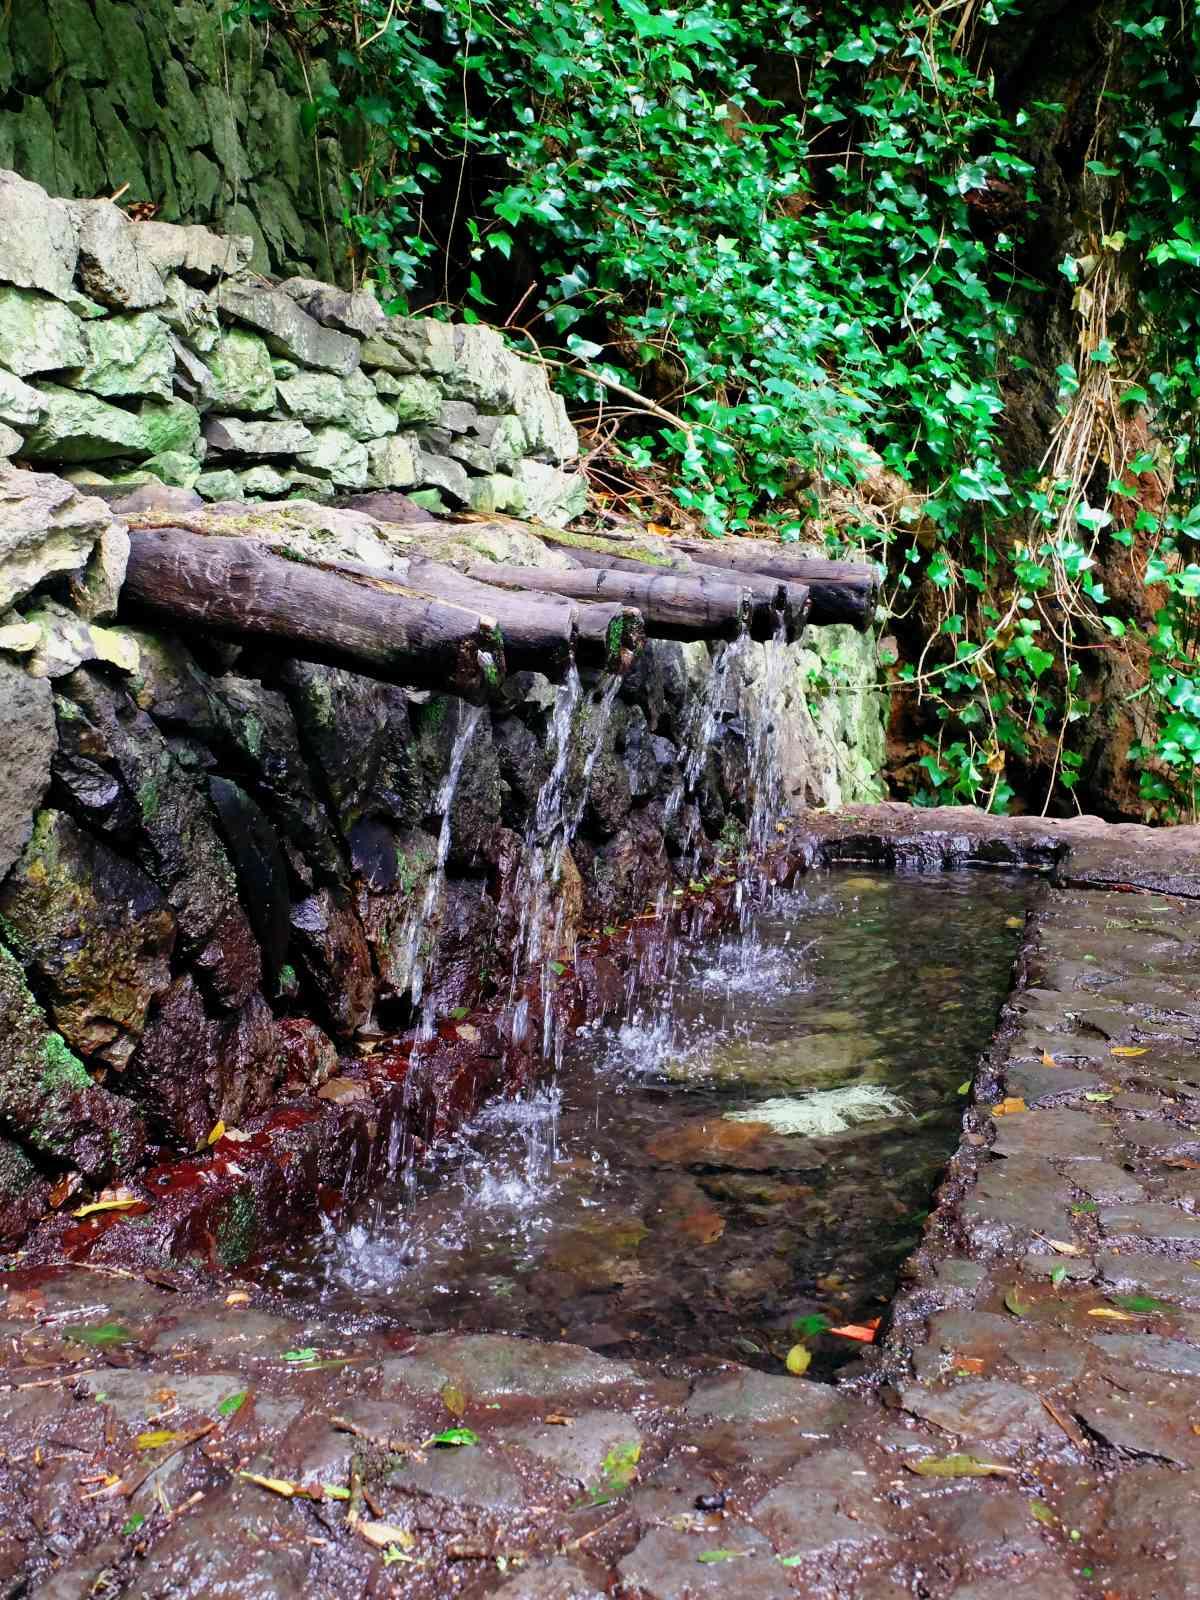 Inselrundfahrt La Gomera - Die heiligen Quellen von Epina